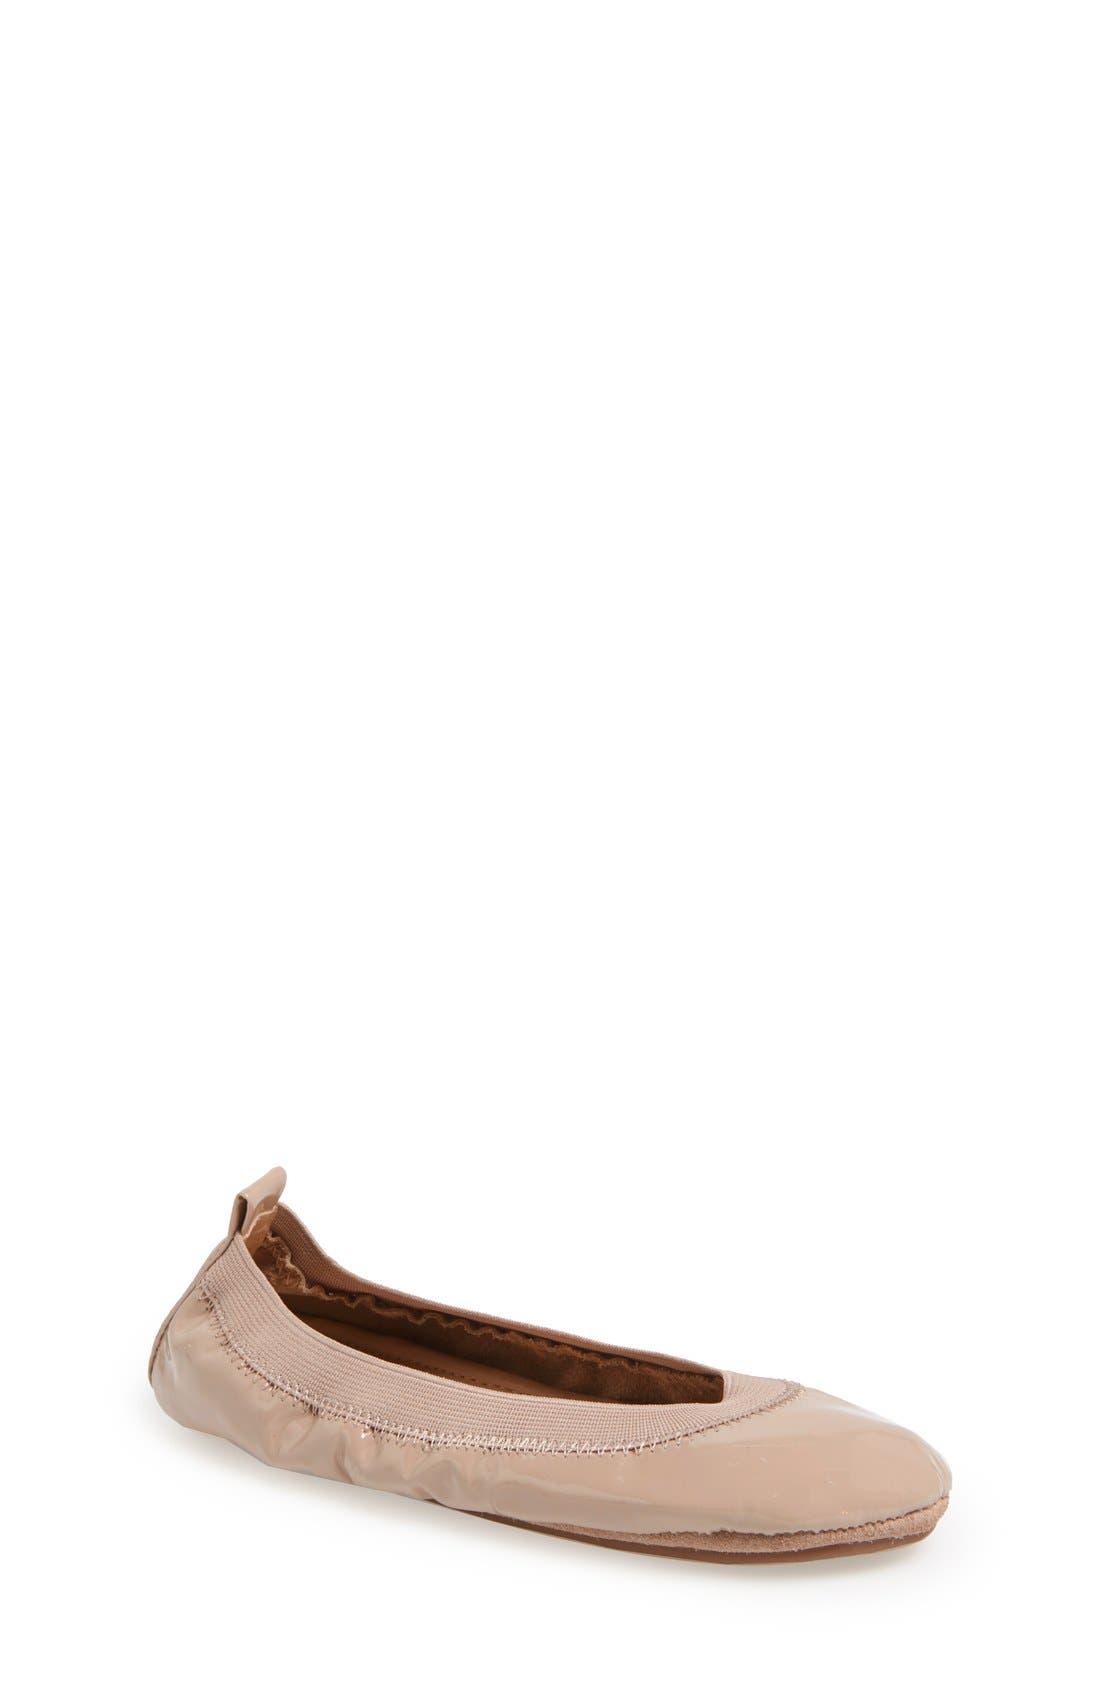 YOSI SAMRA Patent Foldable Ballet Flat